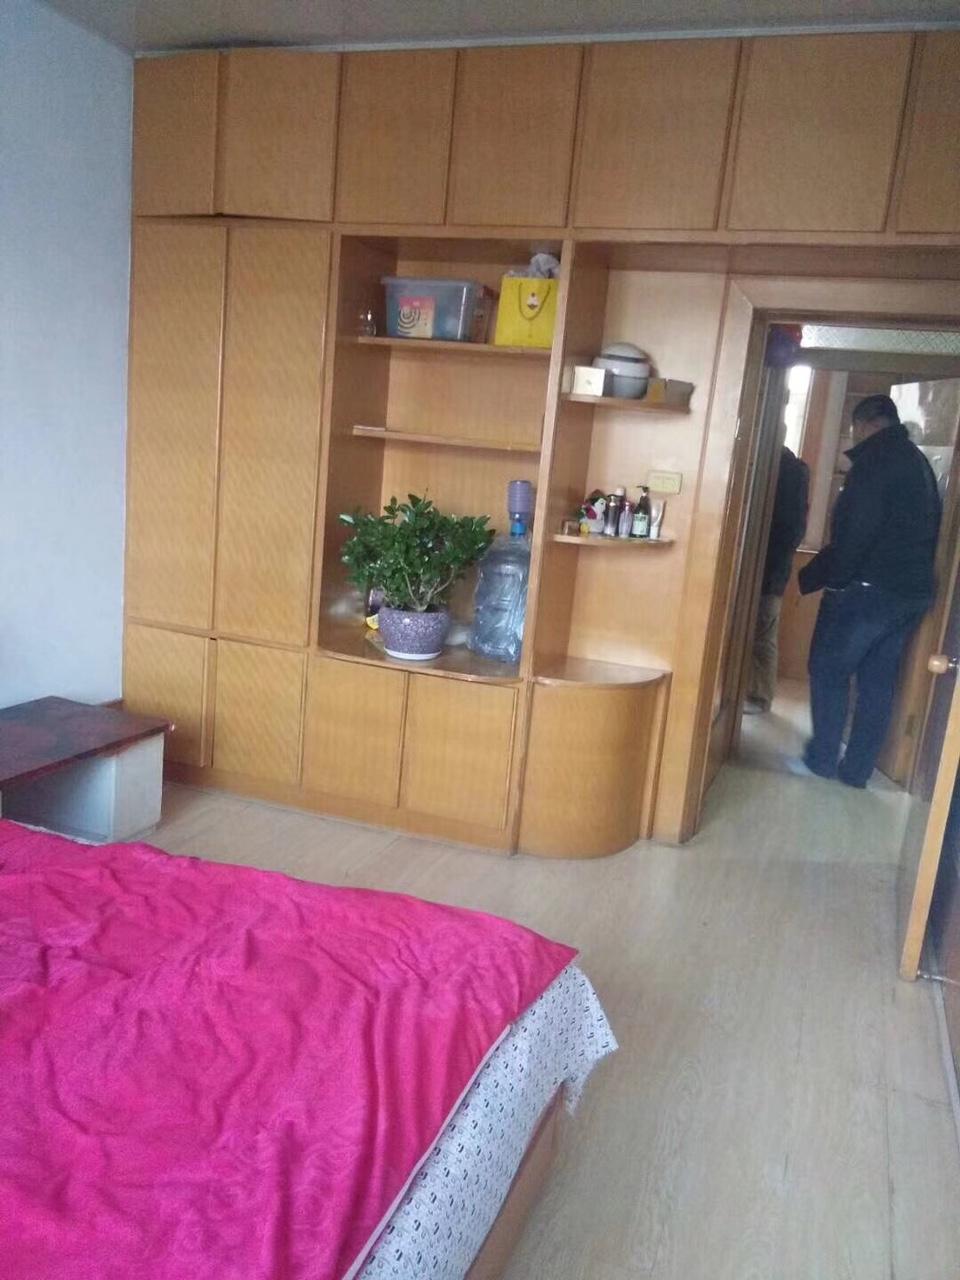 朝阳镇铁路家属楼2室1厅1卫12万元